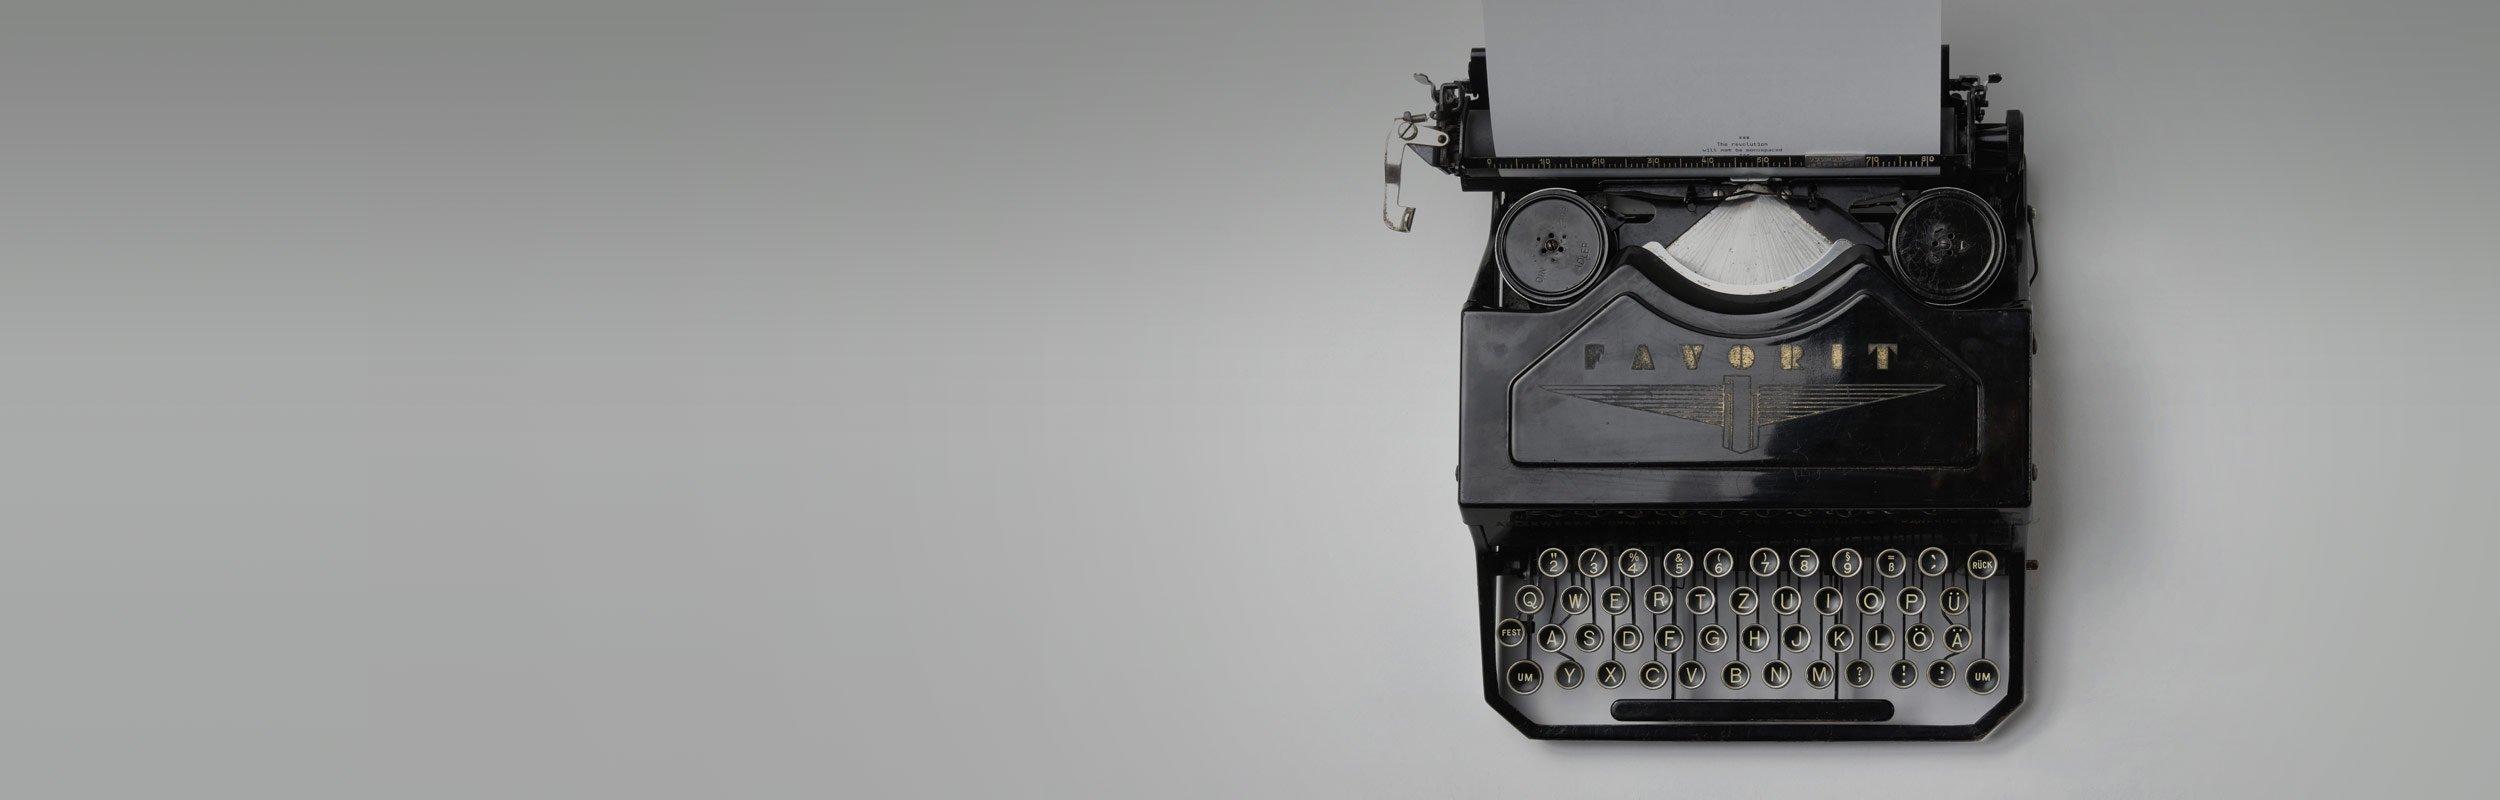 rhc typewriter